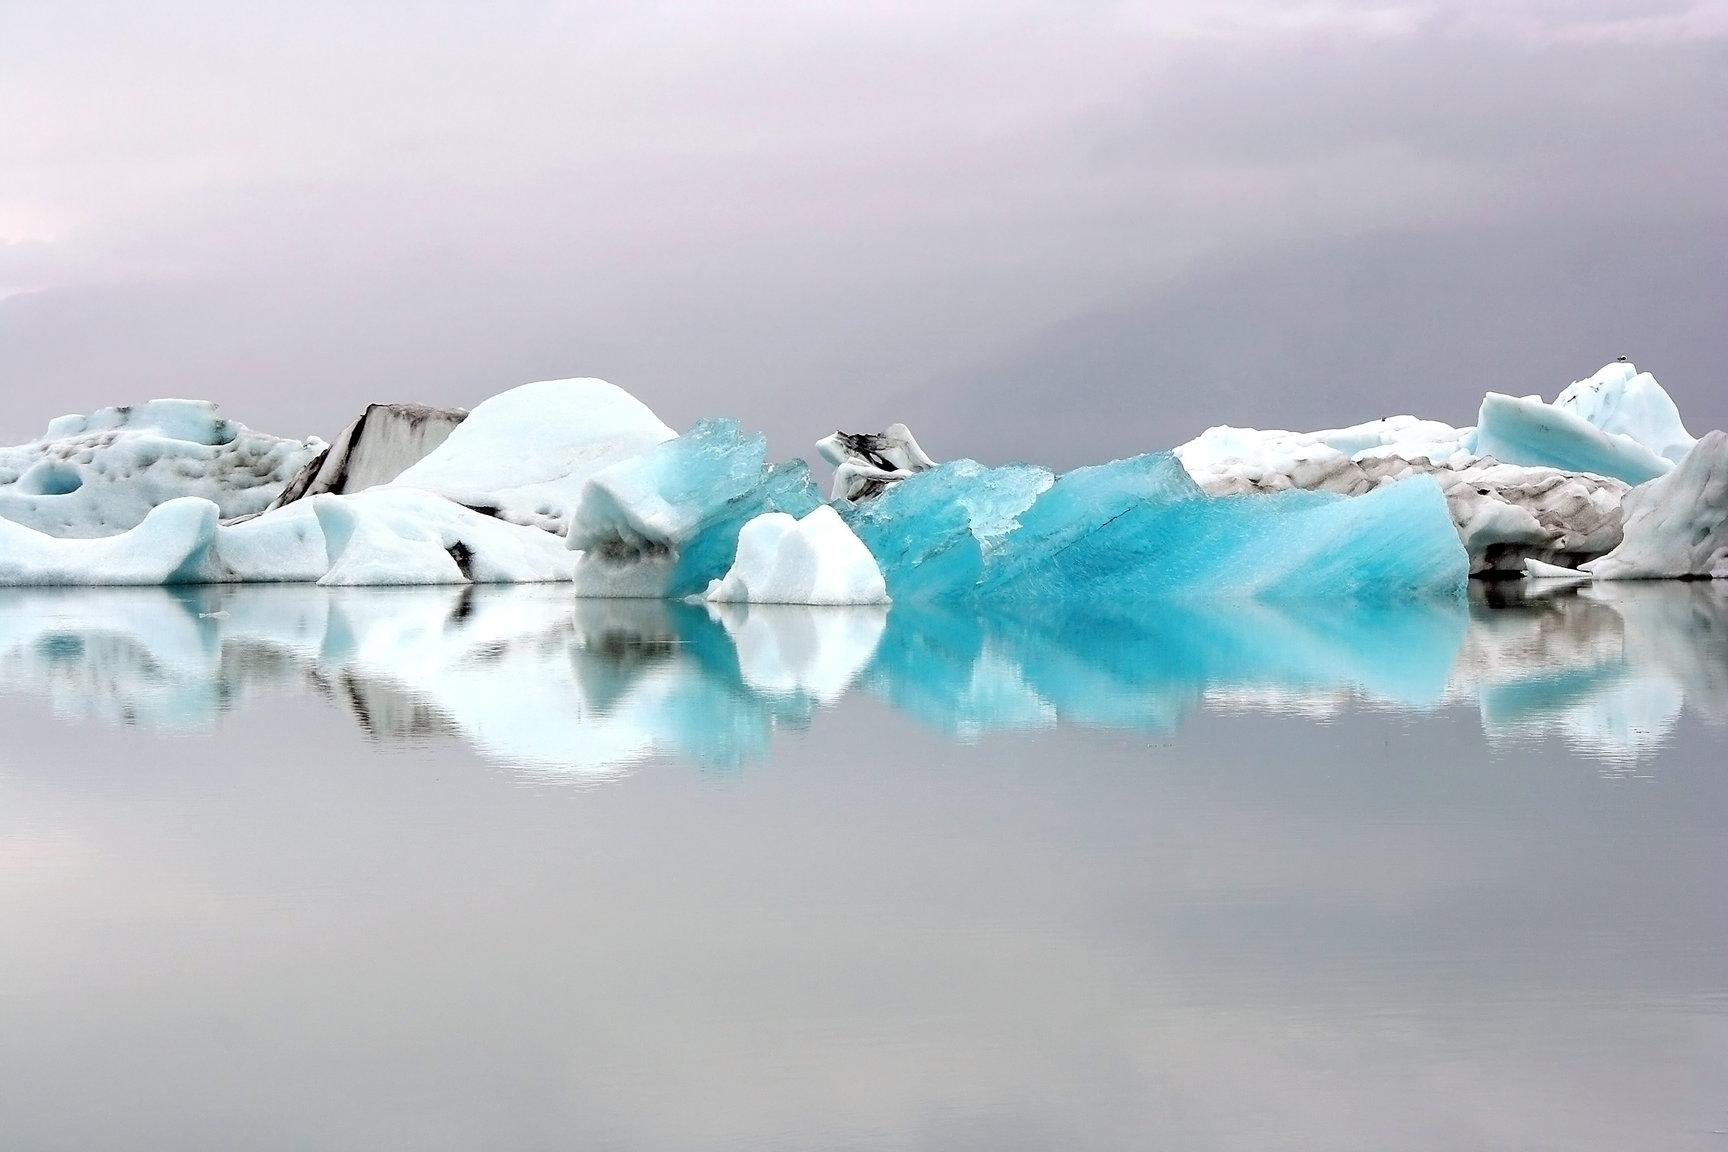 ヨークルスアゥルロゥン氷河湖にプカプカと浮かぶ氷山